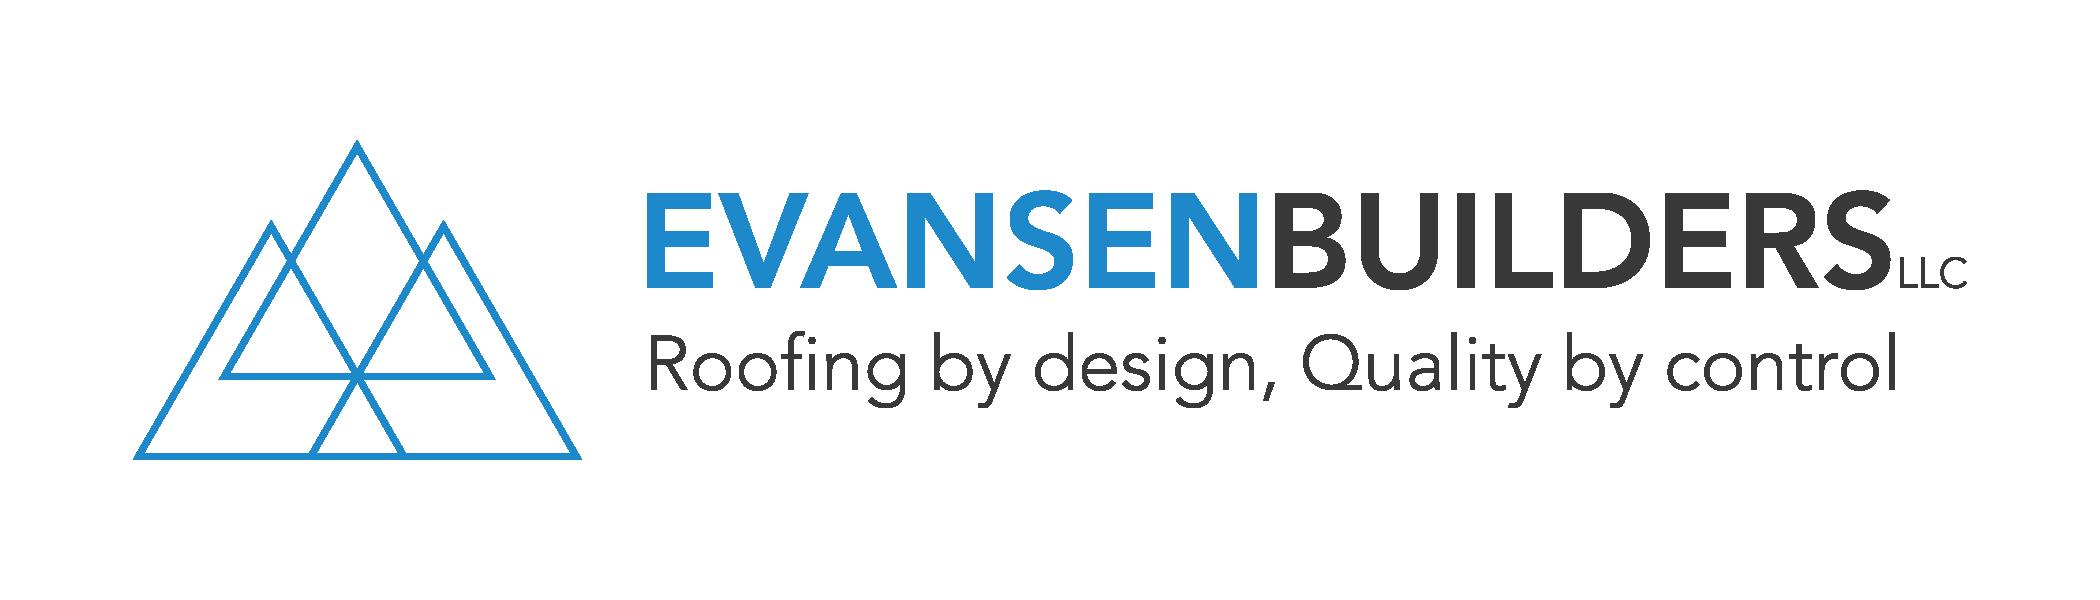 About | Evansen Builders, LLC